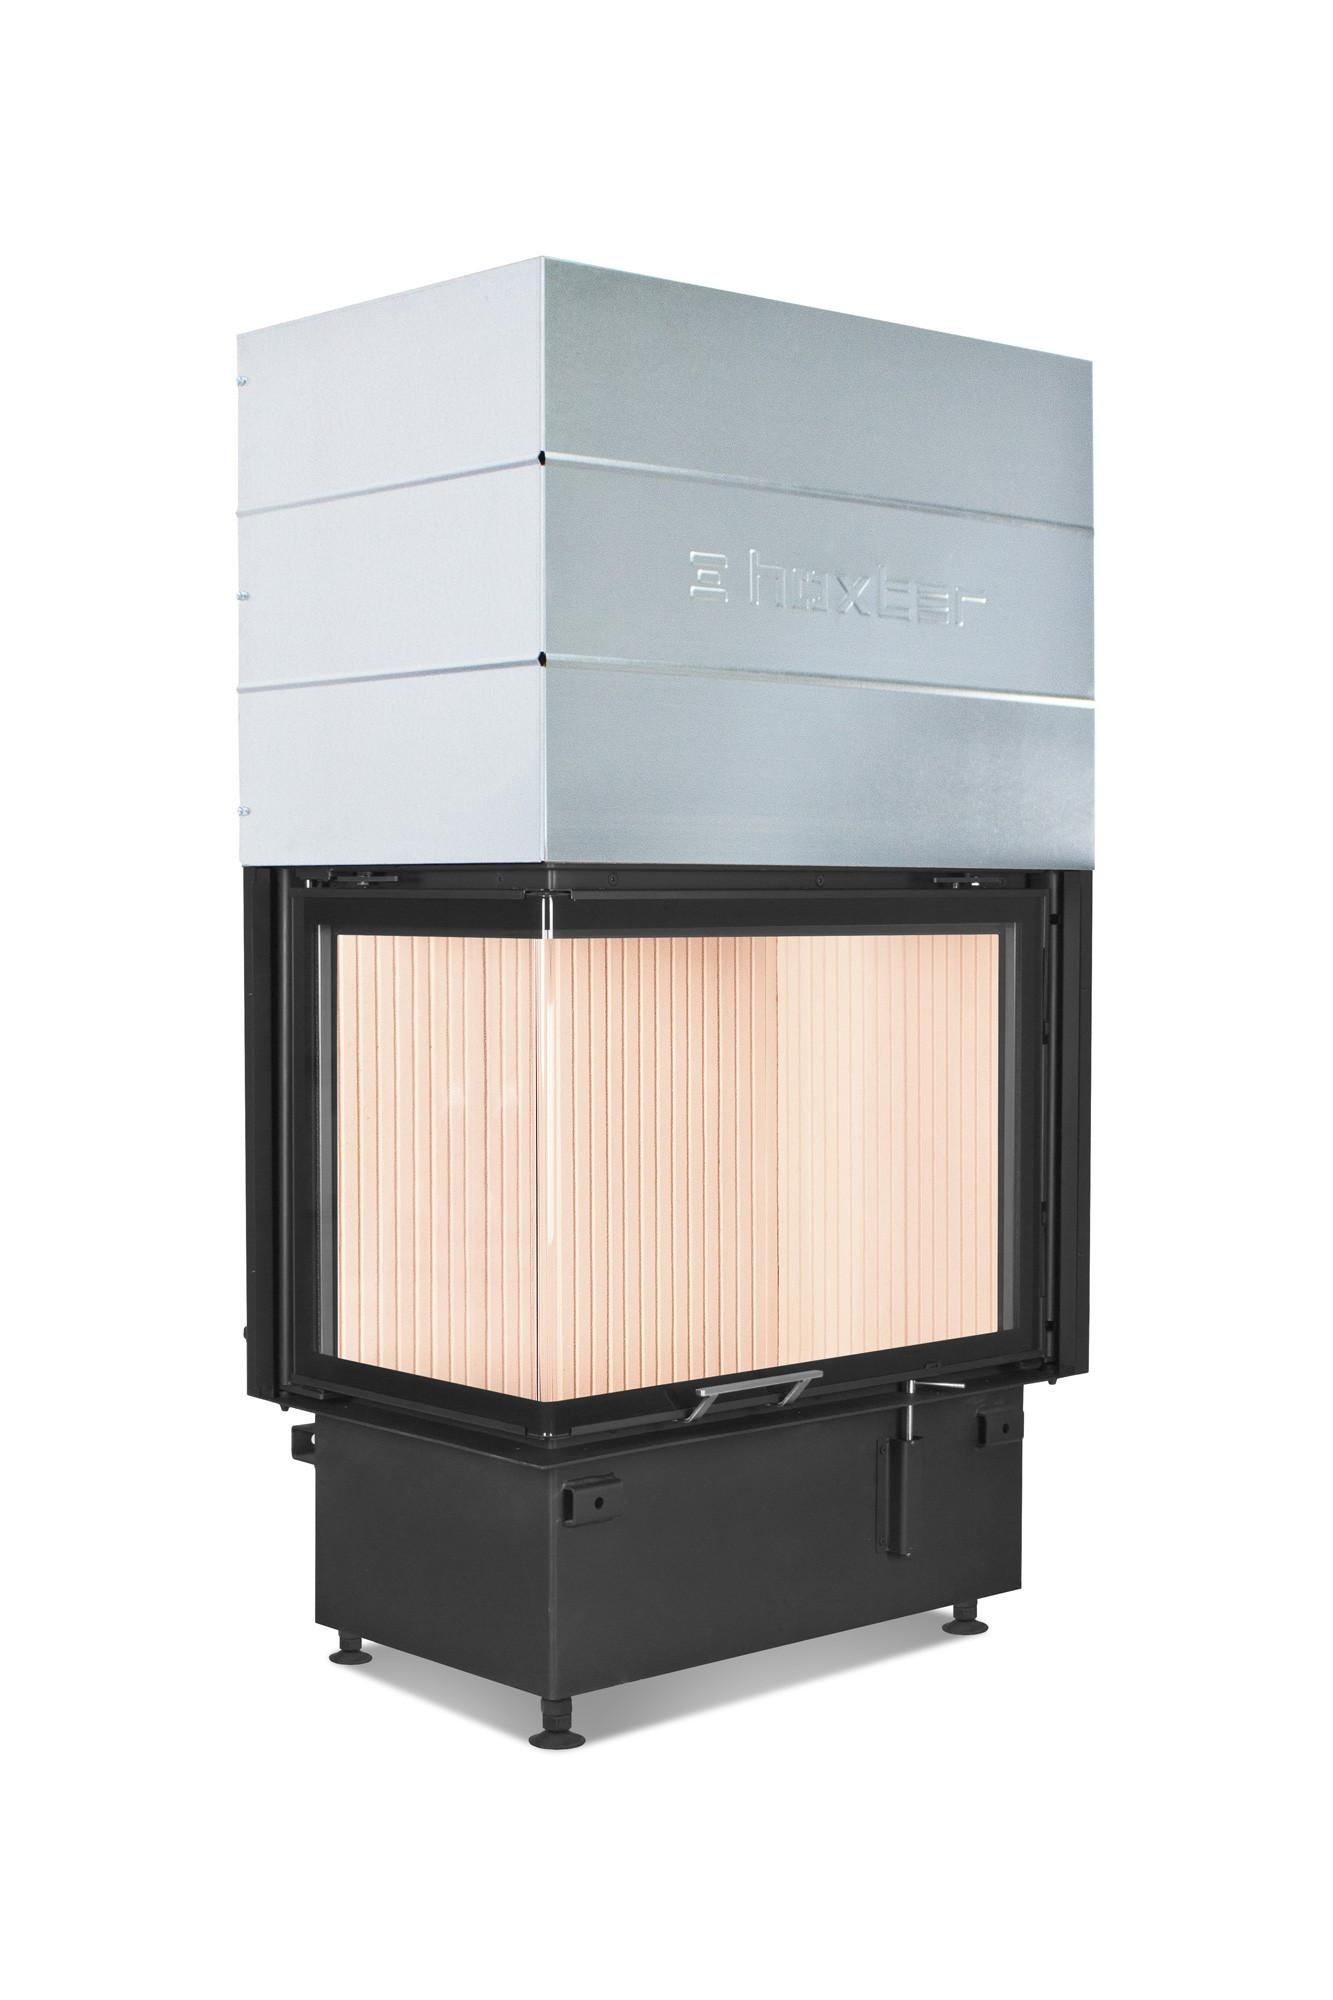 Hoxter ECKA 76/45/57Lh со стальным теплообменником, левосторонняя, двойное стекло, подключение 45º